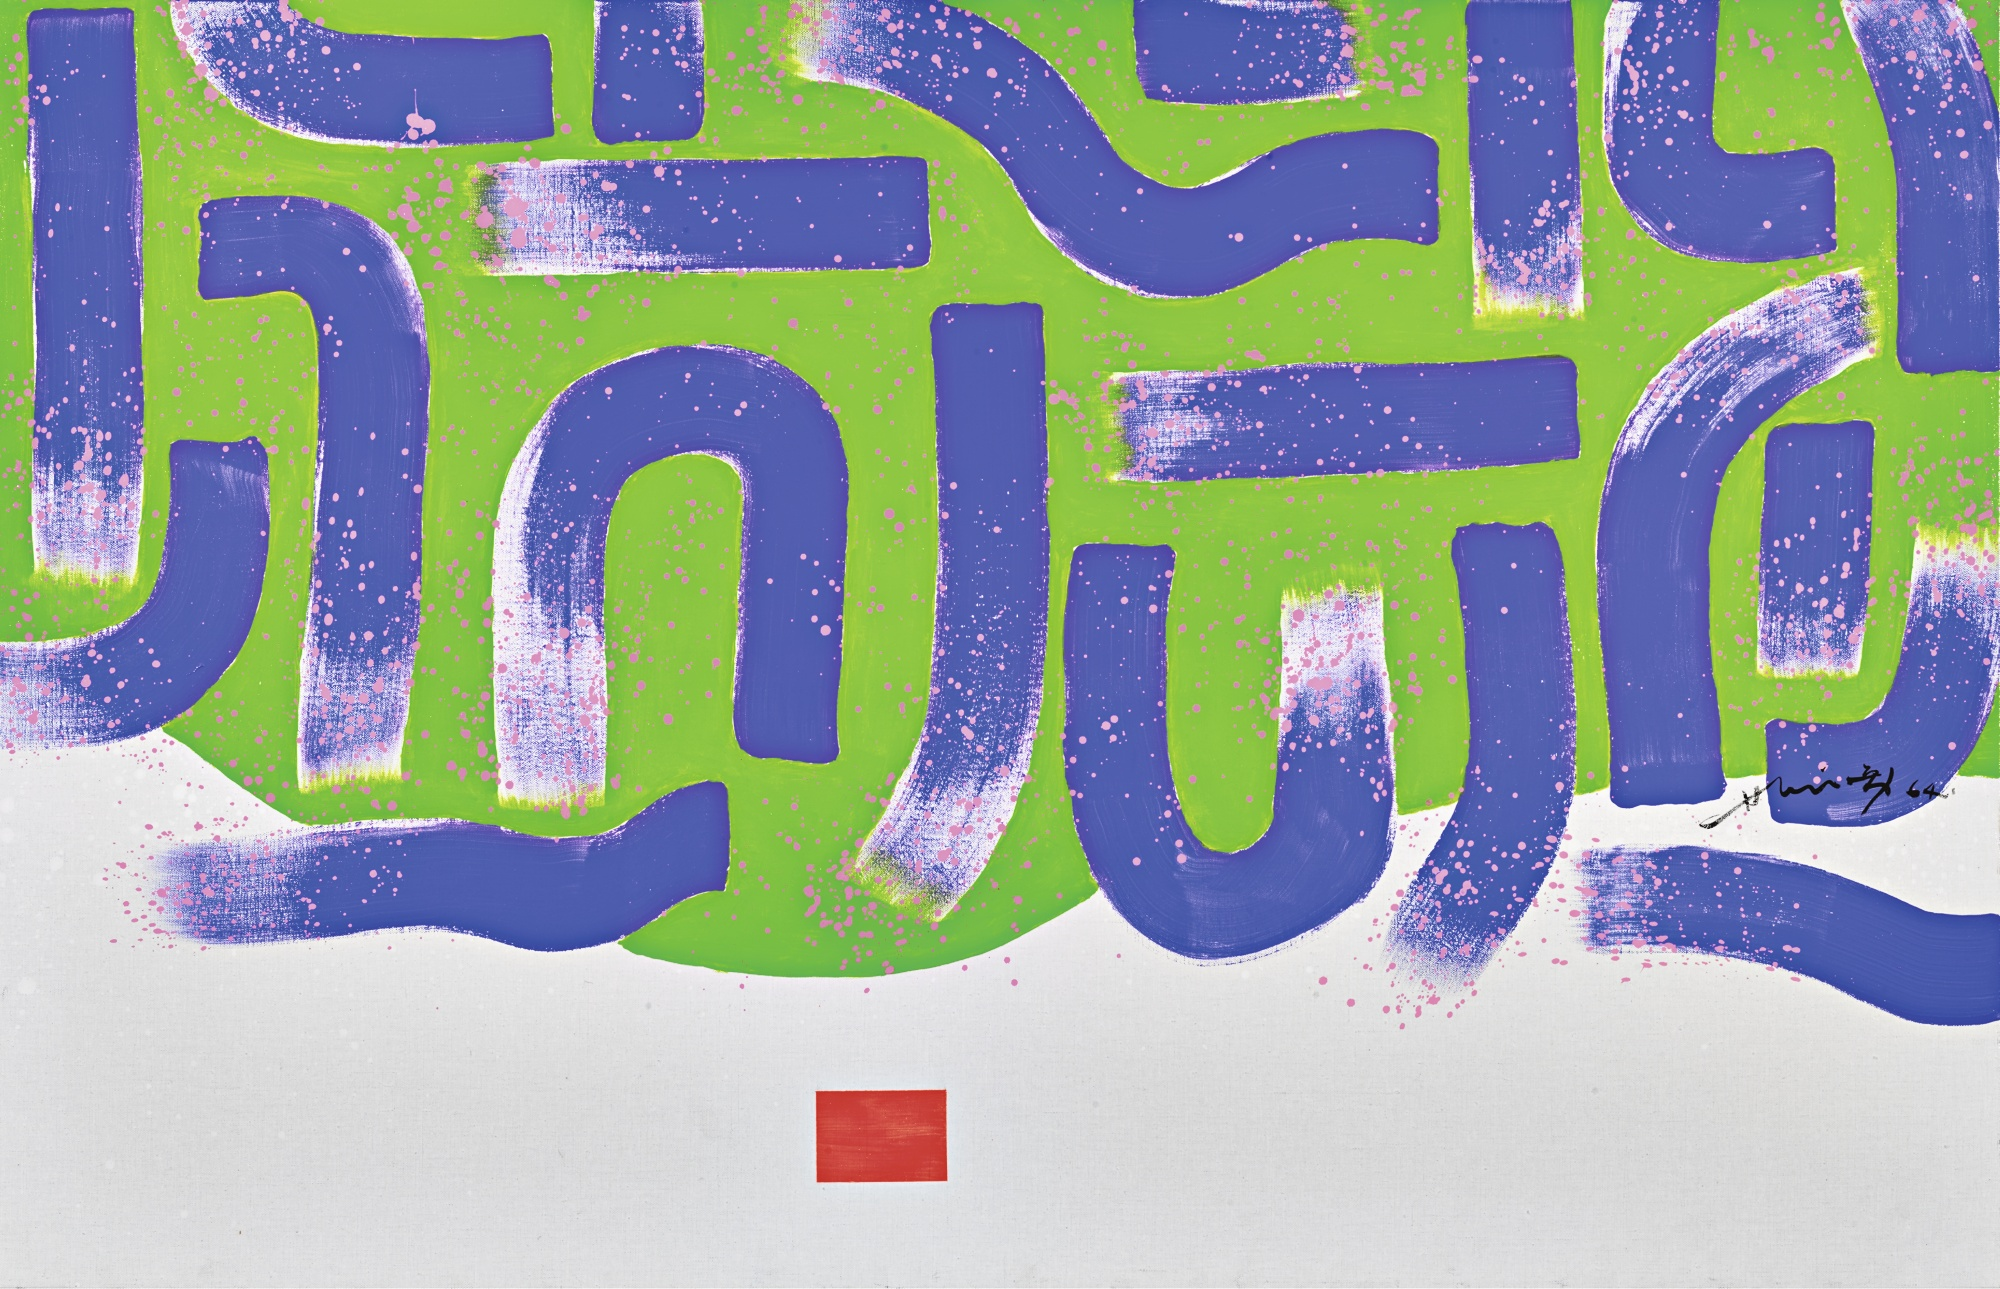 Sale l'arte orientale. Record per il cinese Hsiao Chin da Sotheby's